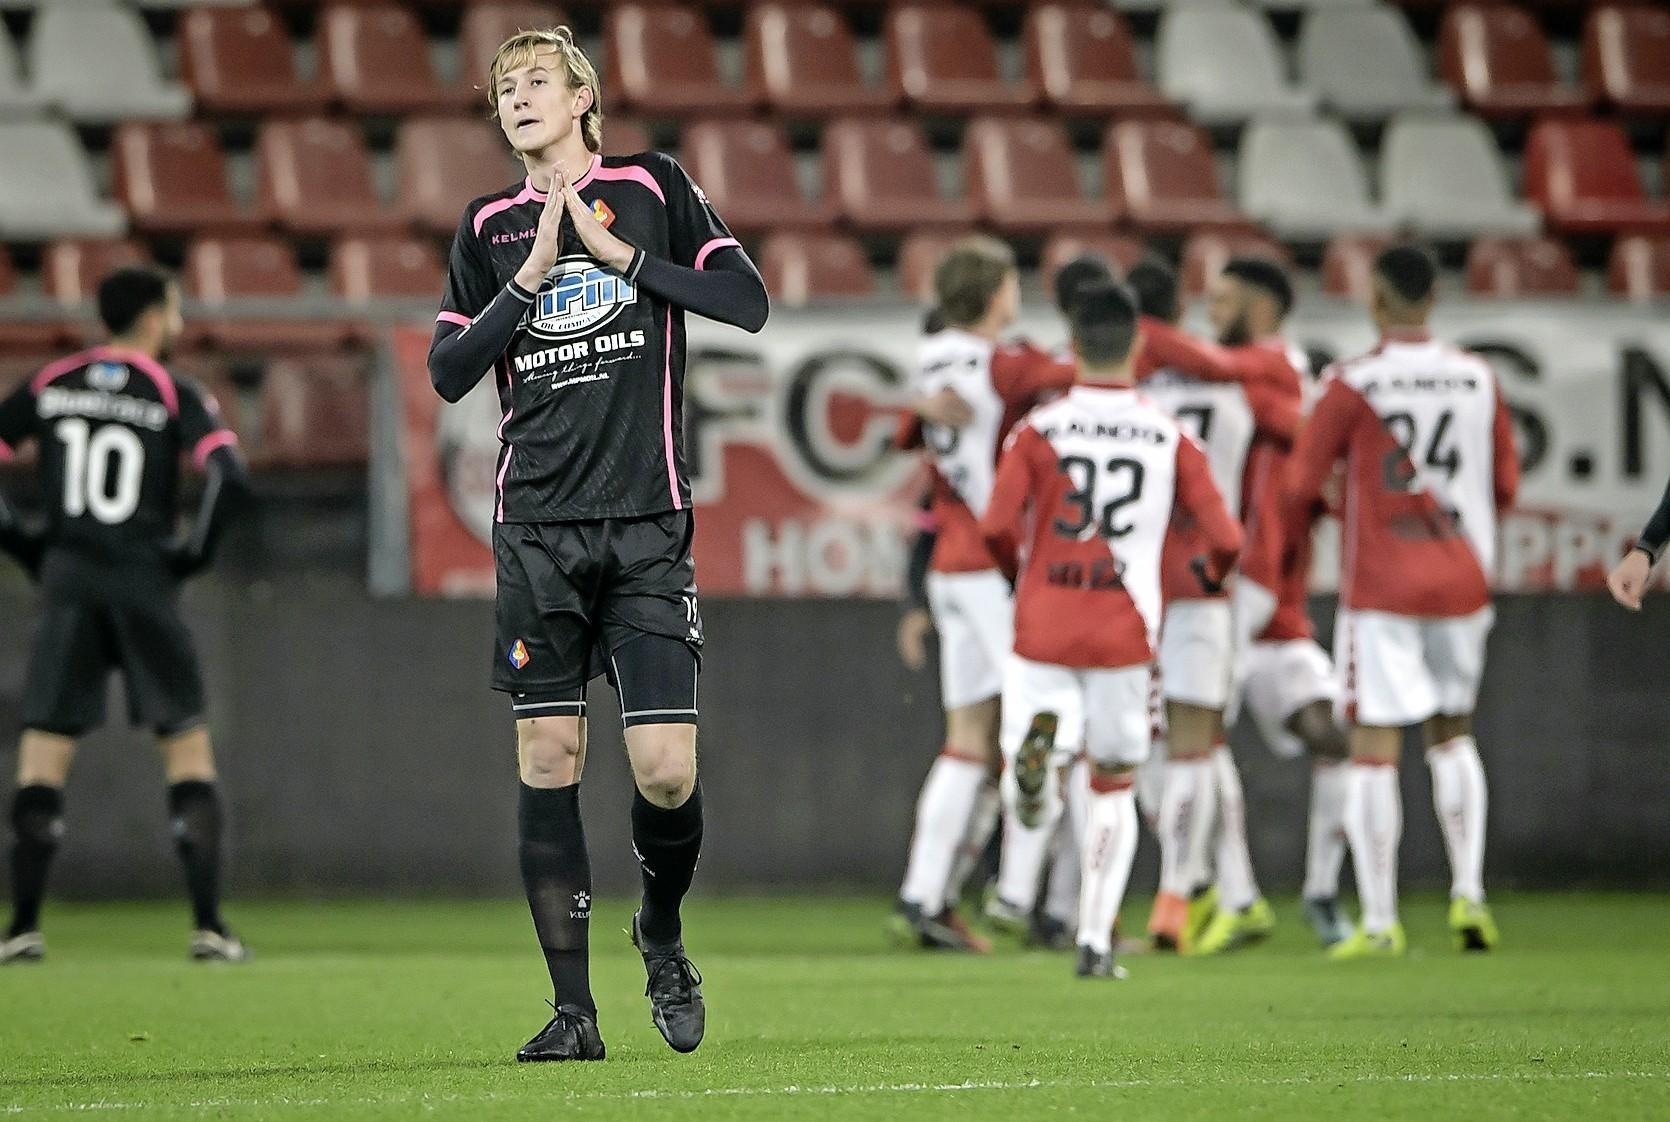 HFC'er Floris van der Linden denkt dat zijn oude ploeg Telstar te kloppen is: 'Het wordt 3-1 voor ons' - Noordhollands Dagblad